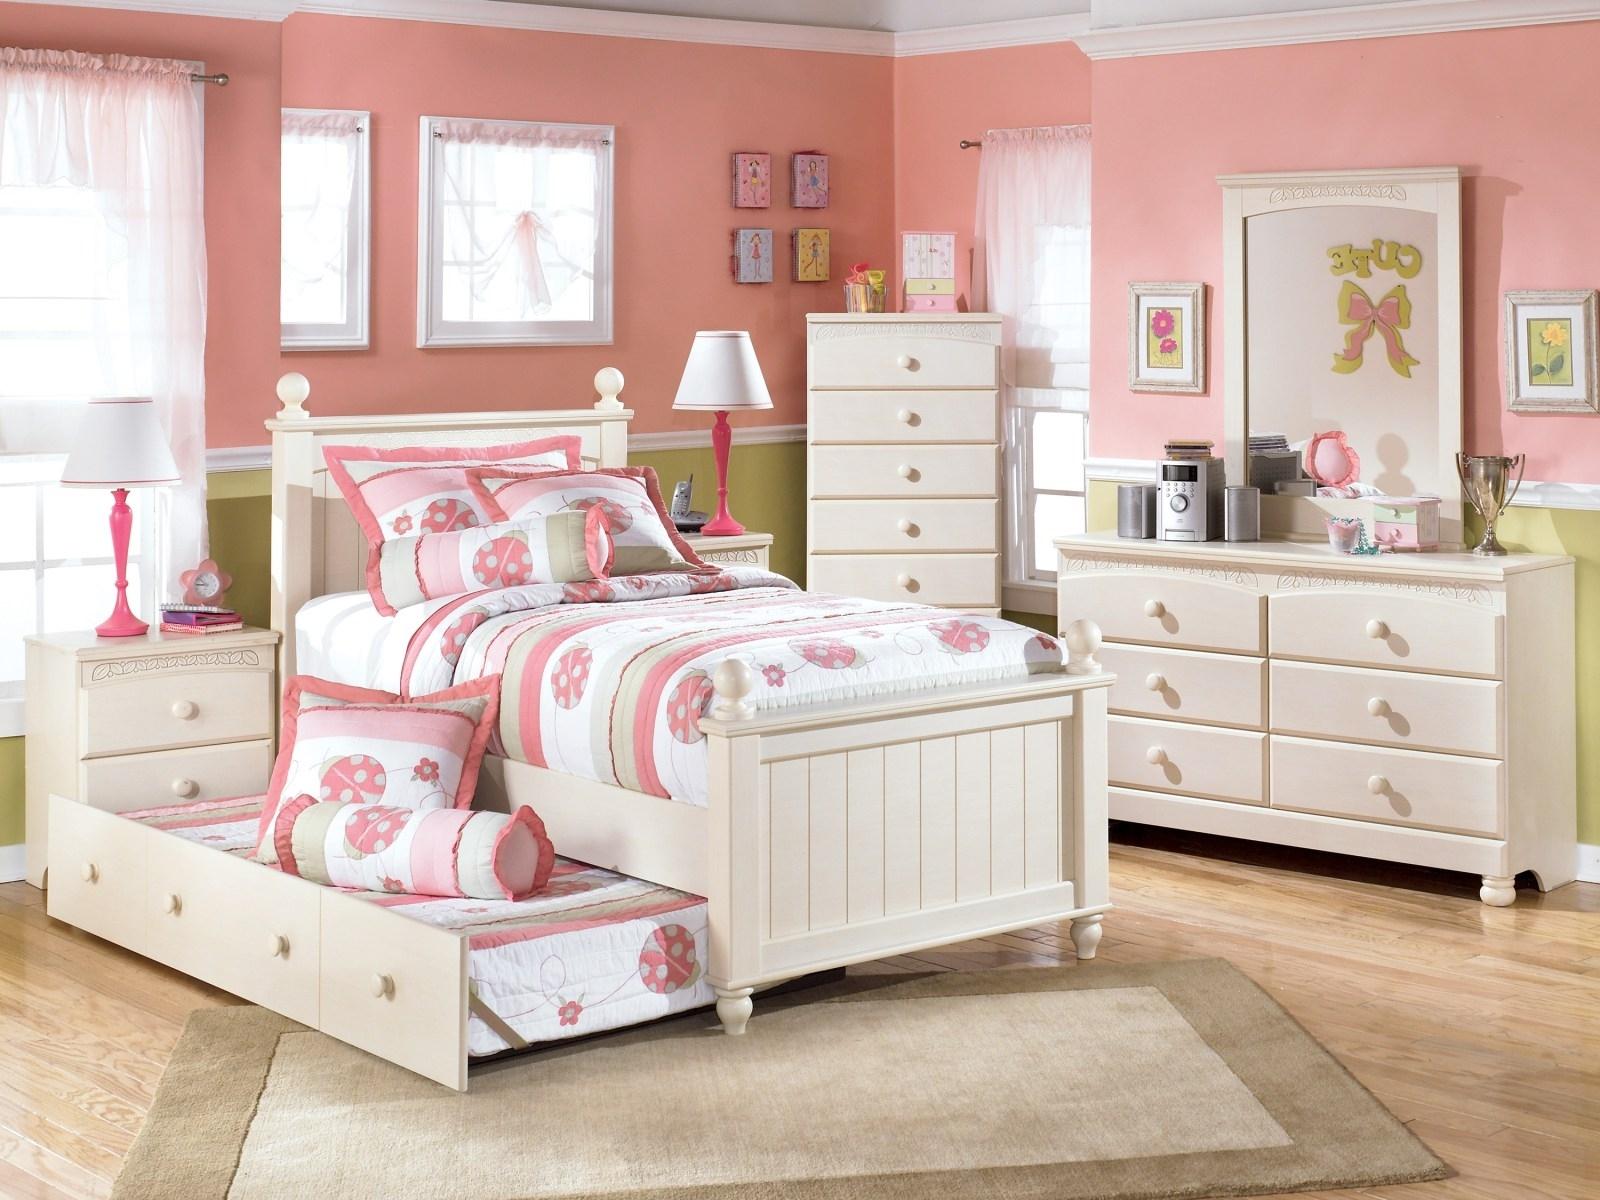 Kids Bedroom Girls Bedroom Sets With Slide Unique Pink Toddler In Kids Bedroom  Furniture Sets Build